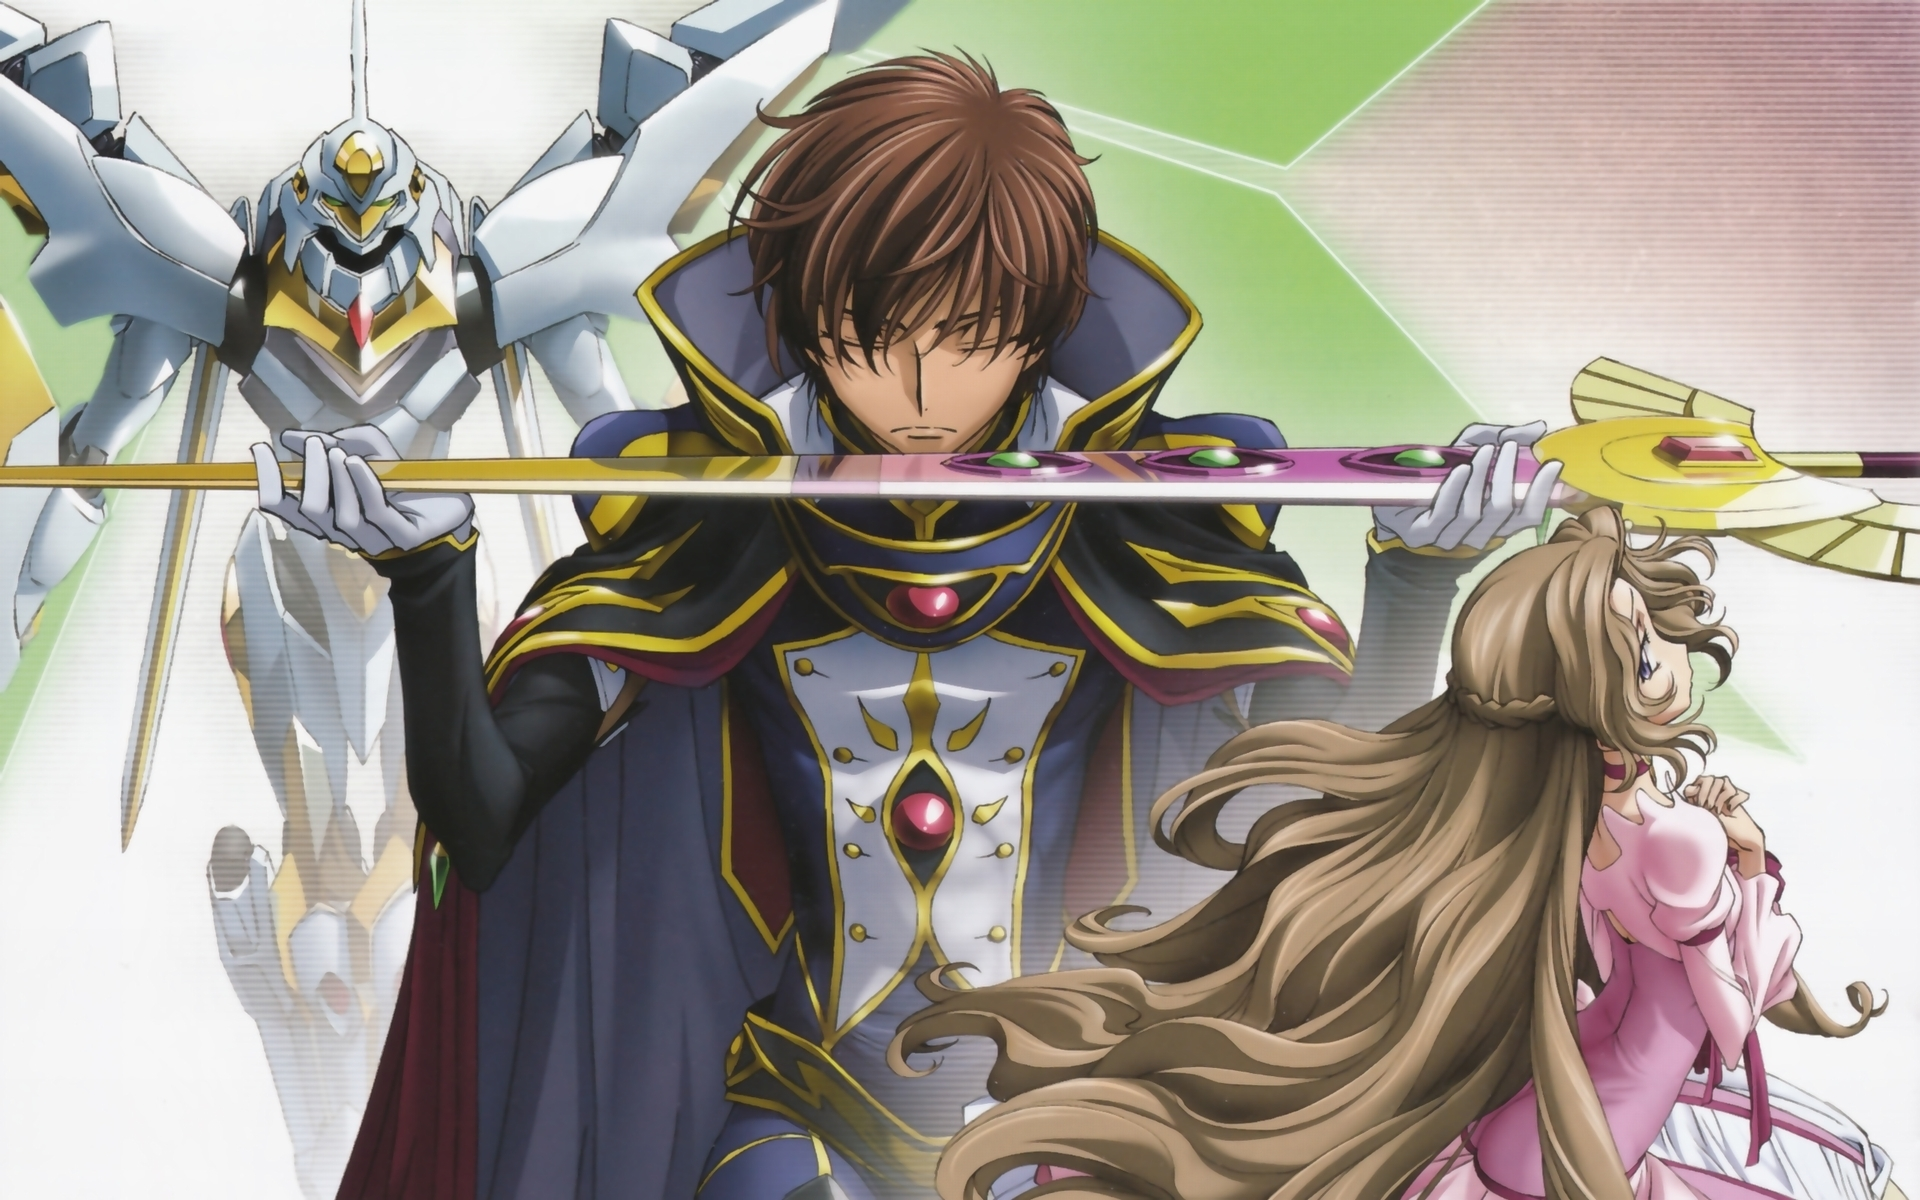 5841 descargar fondo de pantalla Anime: protectores de pantalla e imágenes gratis